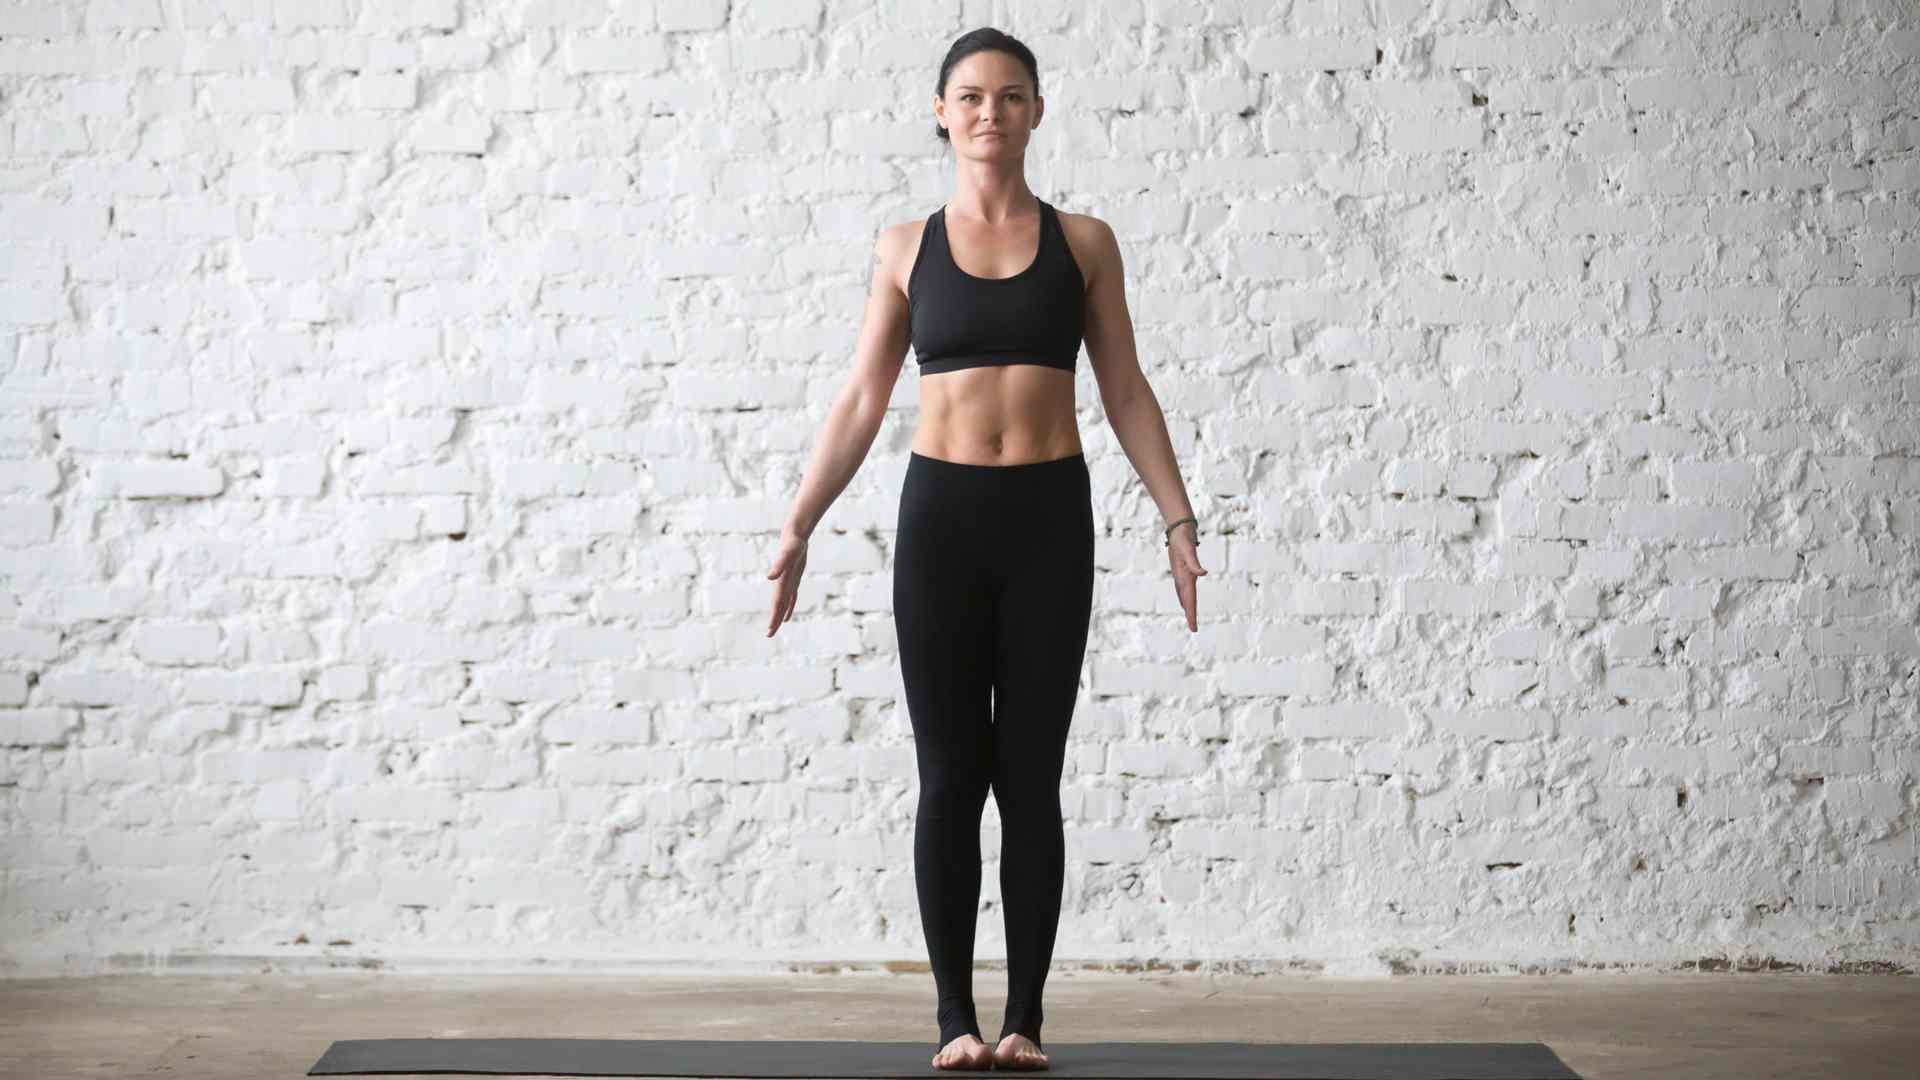 Mulher fazendo postura de yoga em pé